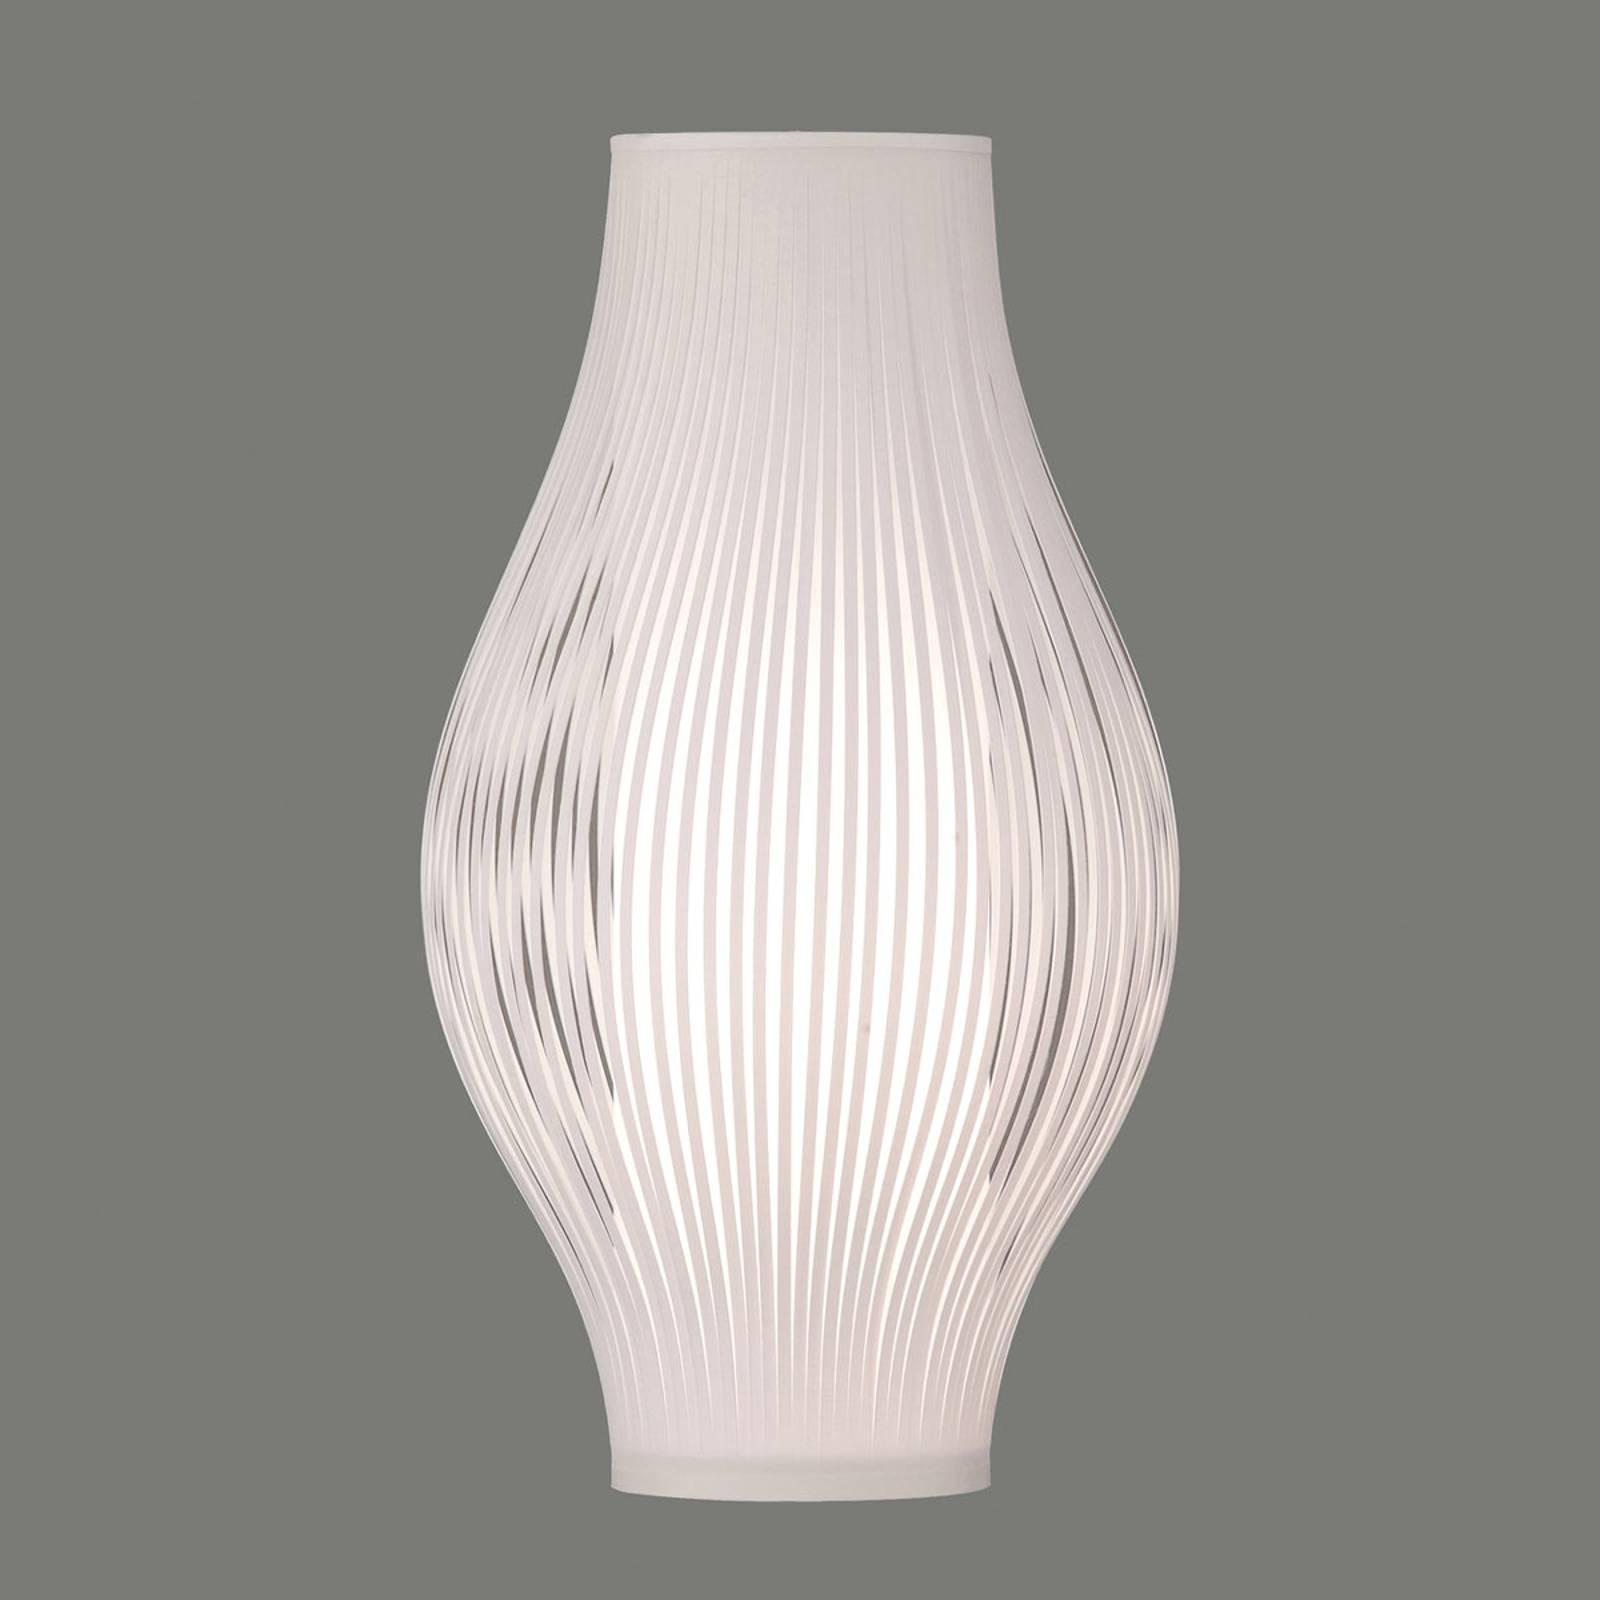 Tischleuchte Murta, 51 cm, weiß